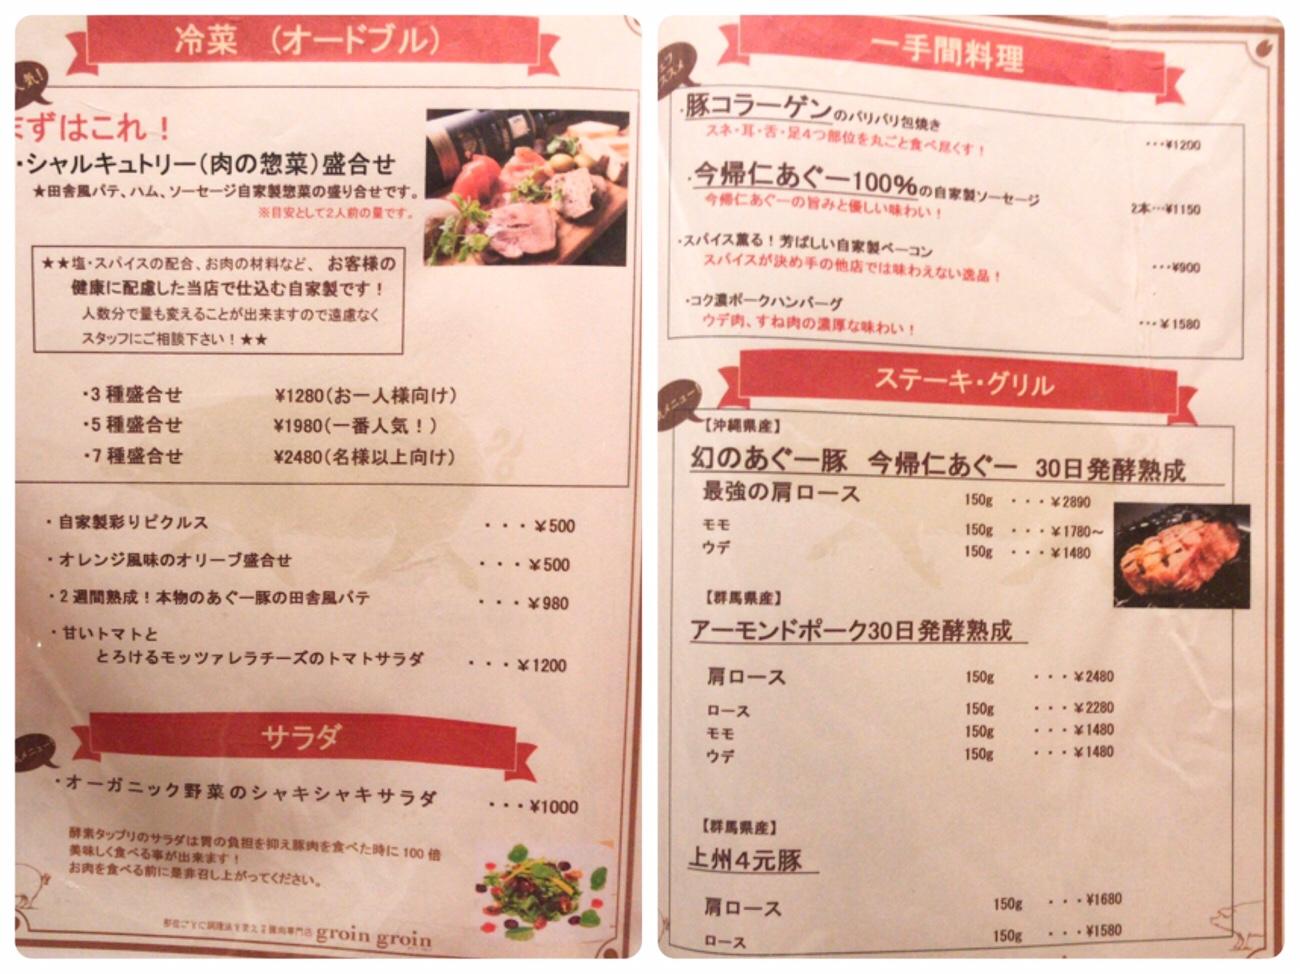 豚料理専門店グロワグロワ メニュー 東京浅草